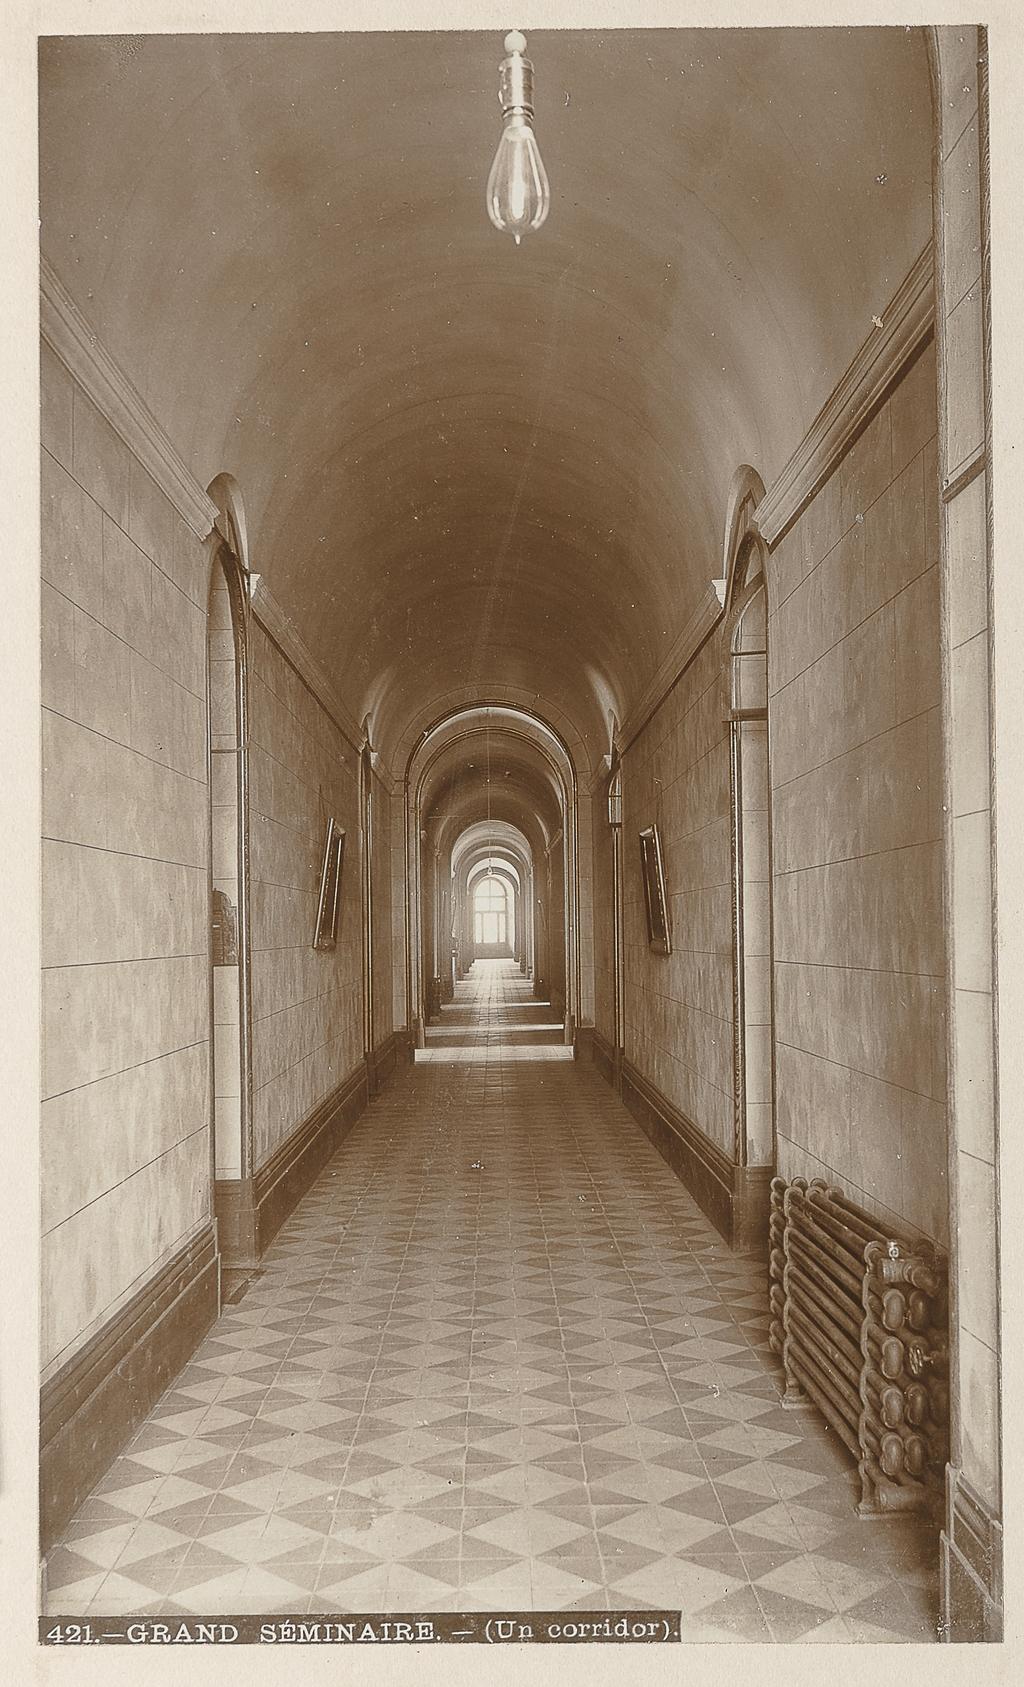 Le Corridor principal du Grand Séminaire, Québec, de l'album Maisons d'éducation de la province de Québec